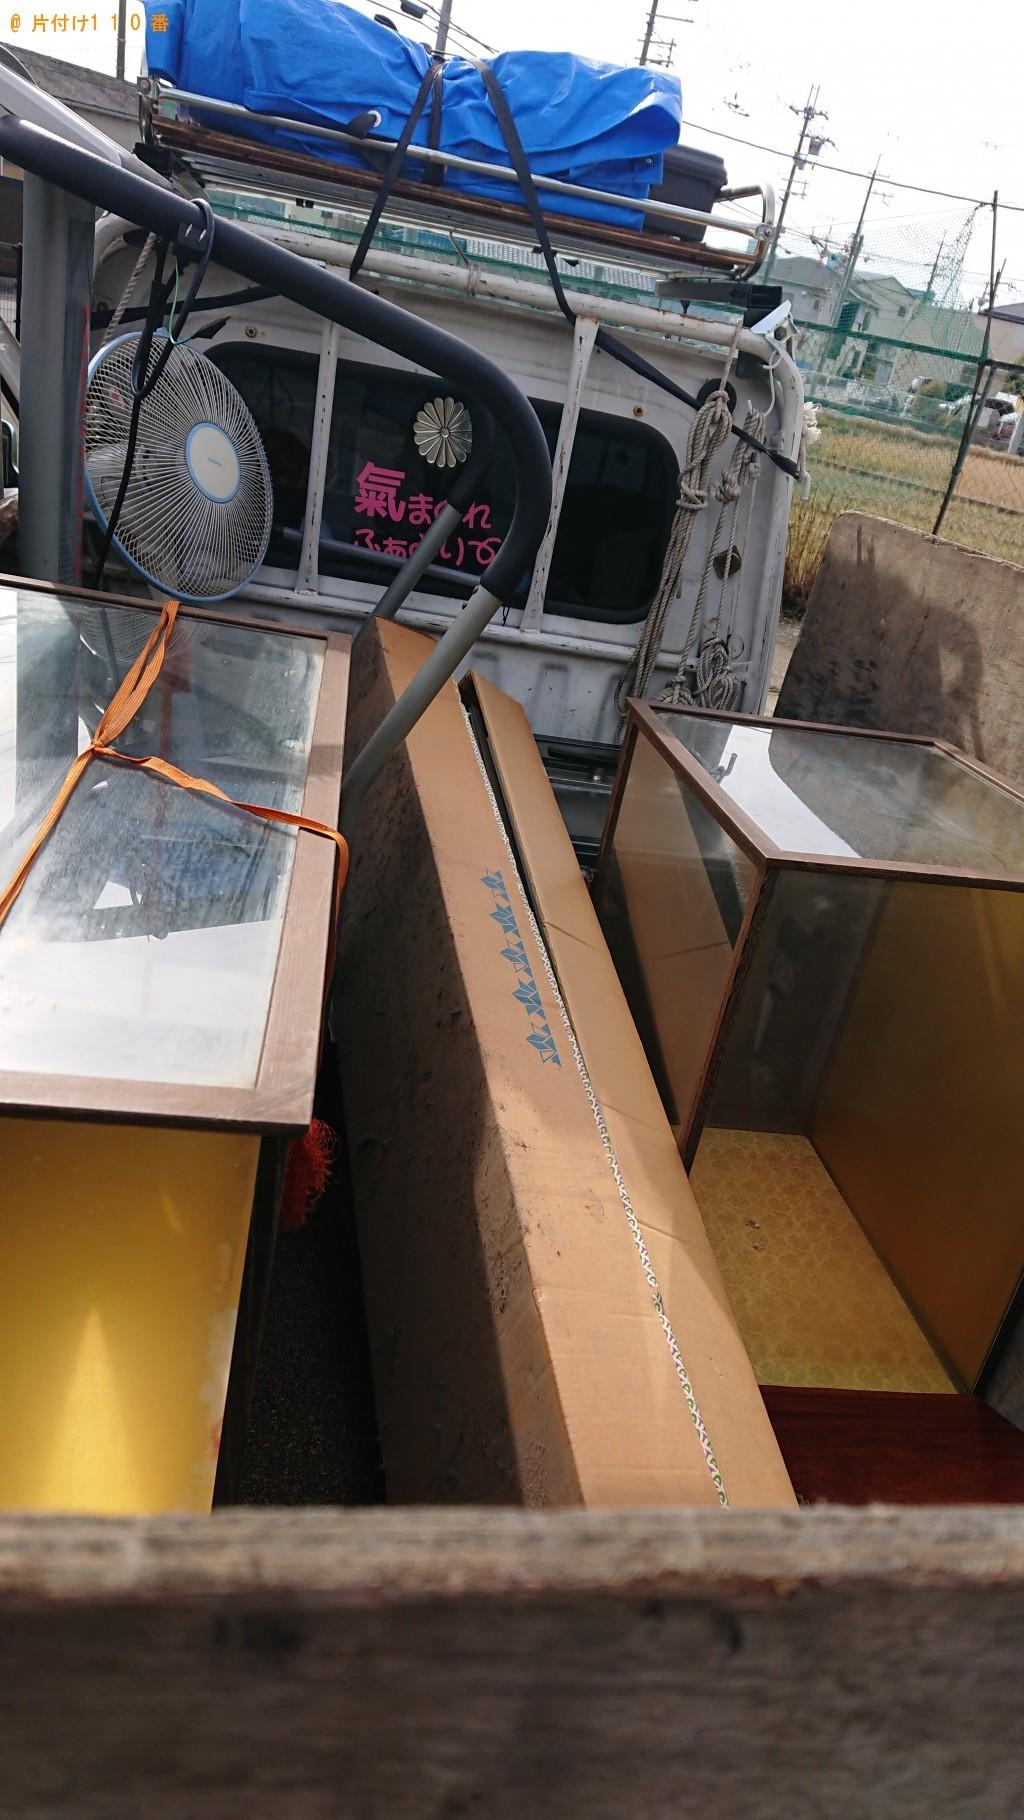 【柏原市】電気ストーブ、金庫、スチール棚、机の回収・処分ご依頼